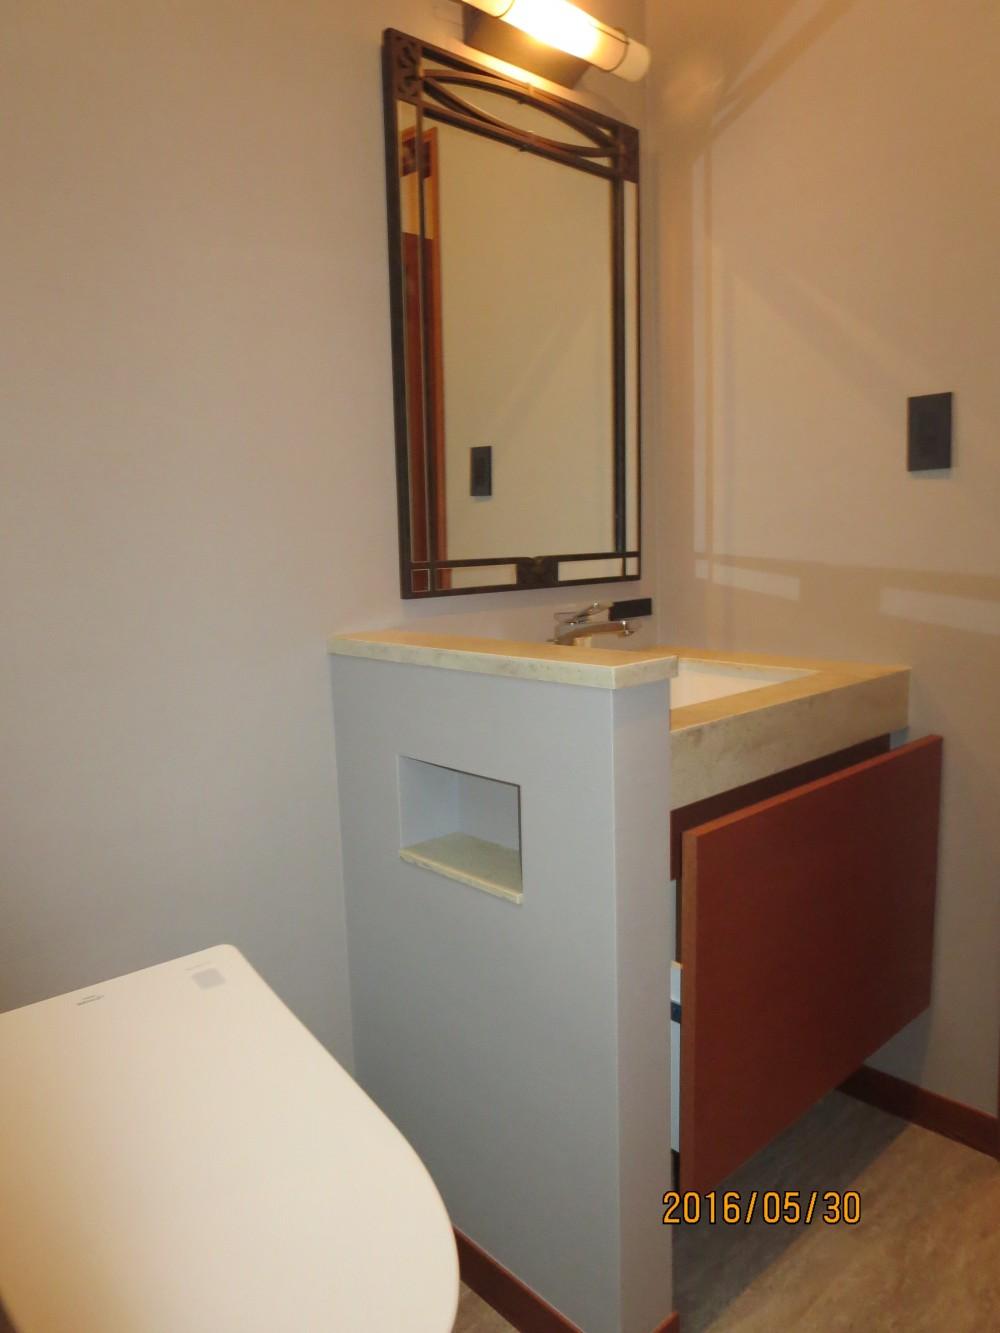 リゾートホテルライクなトイレ空間 (トイレ空間)